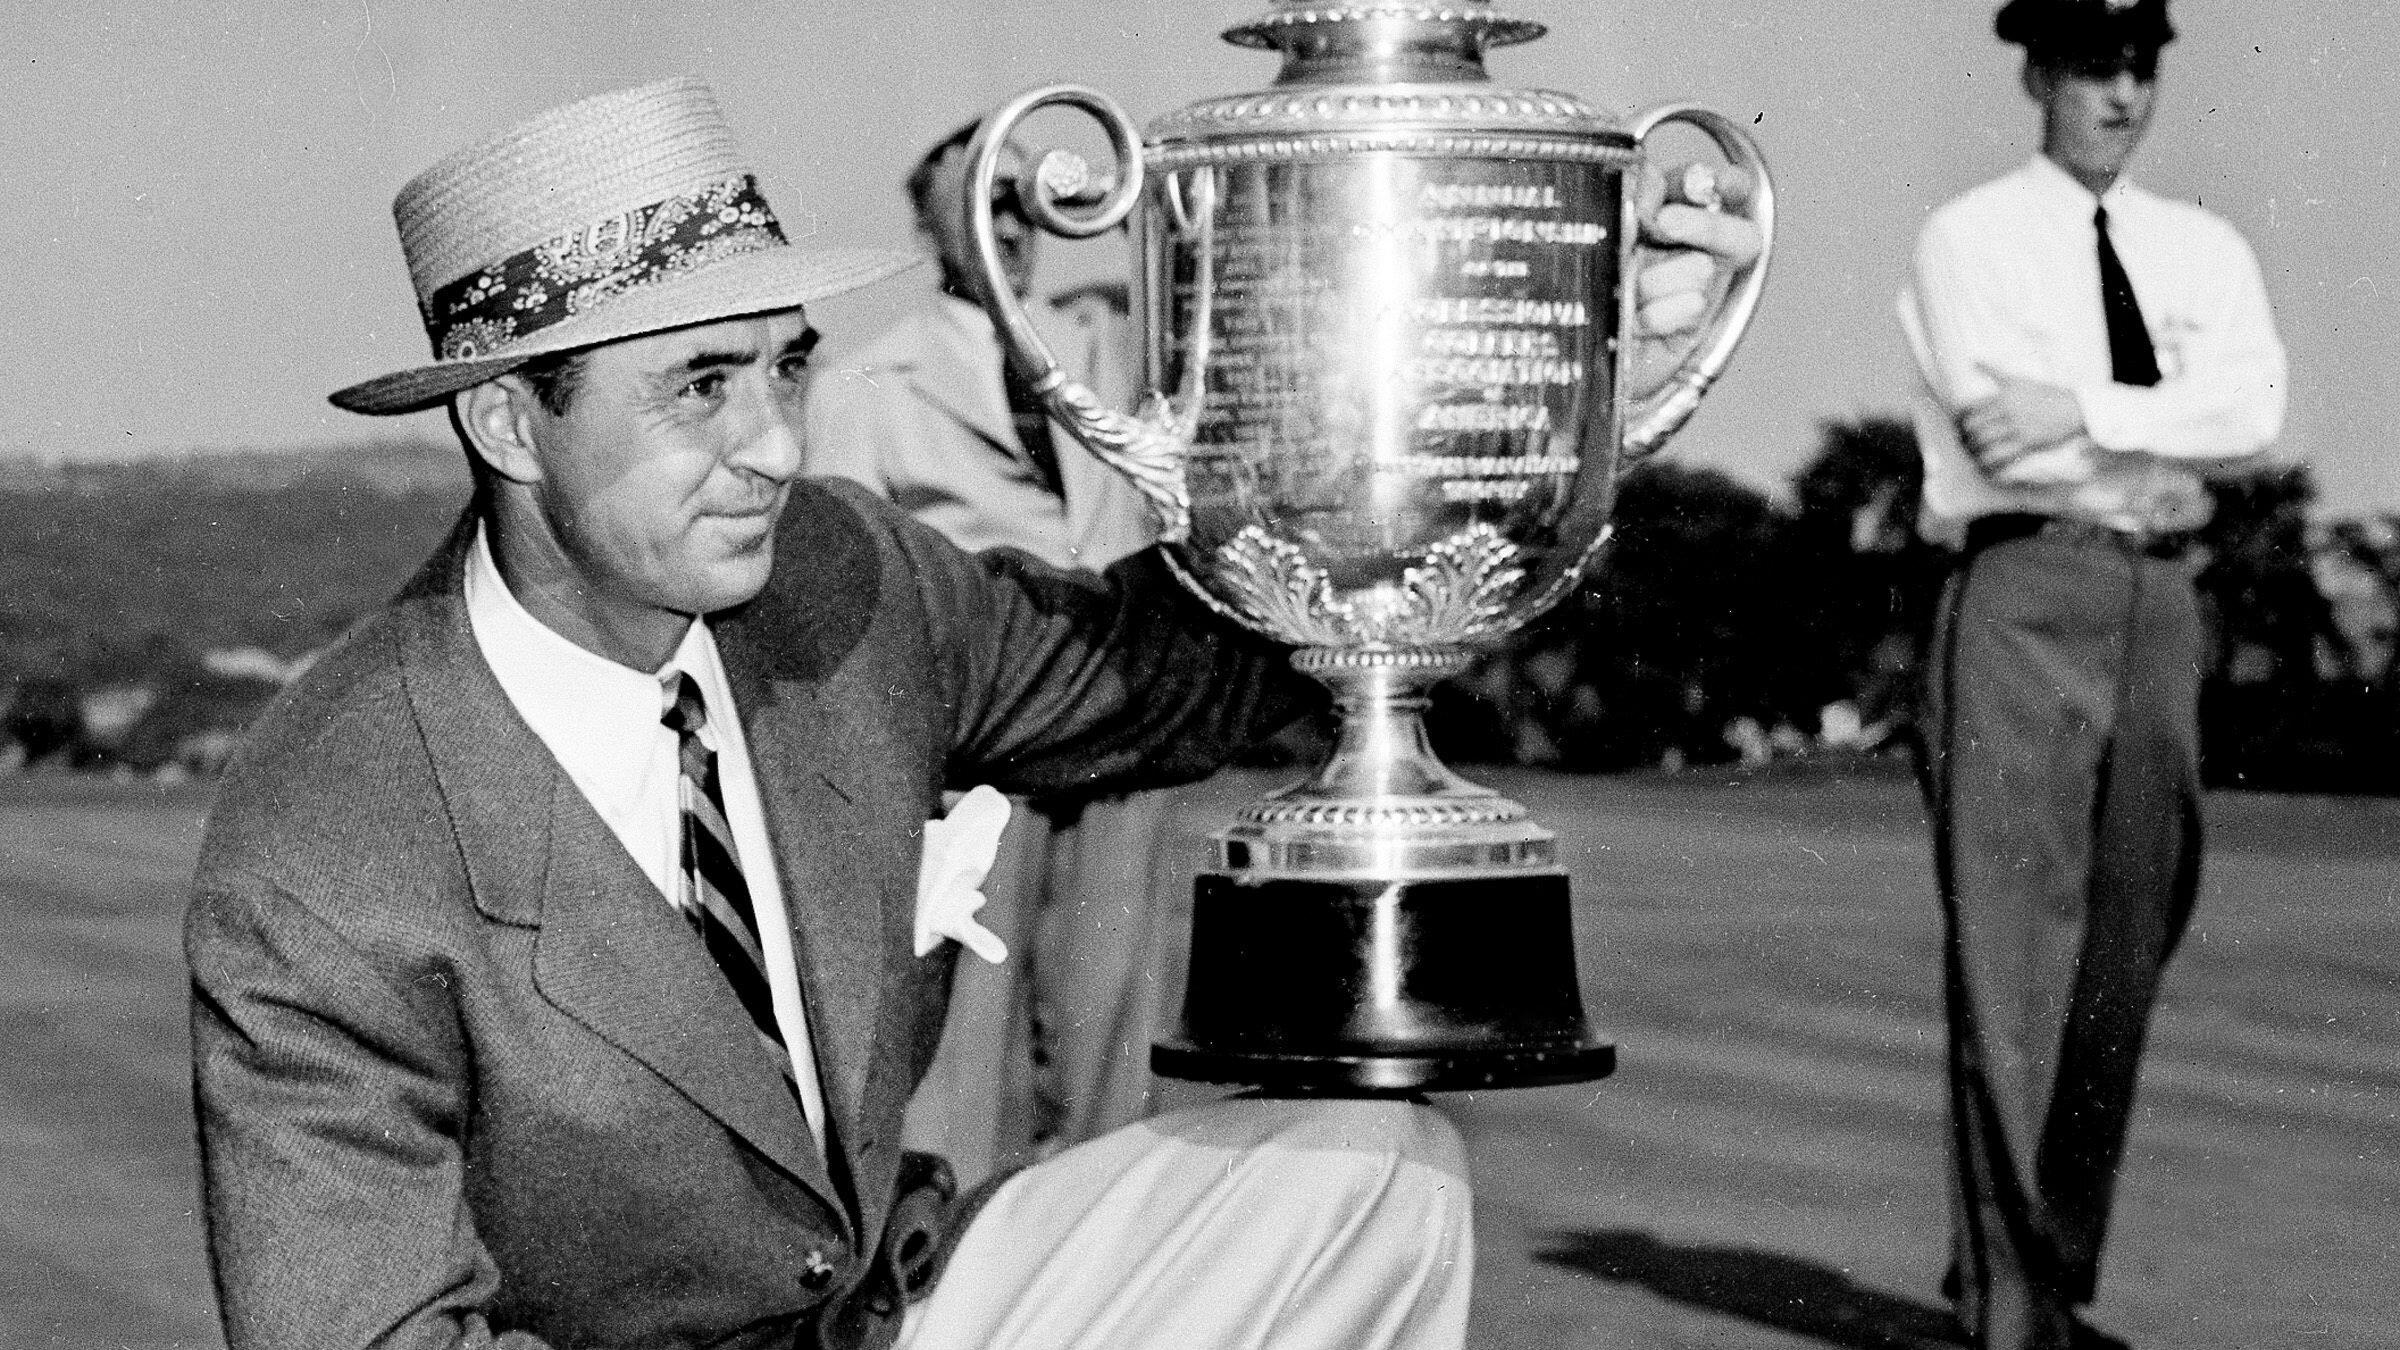 Hace hoy 75 años la leyenda Snead ganó su primer major